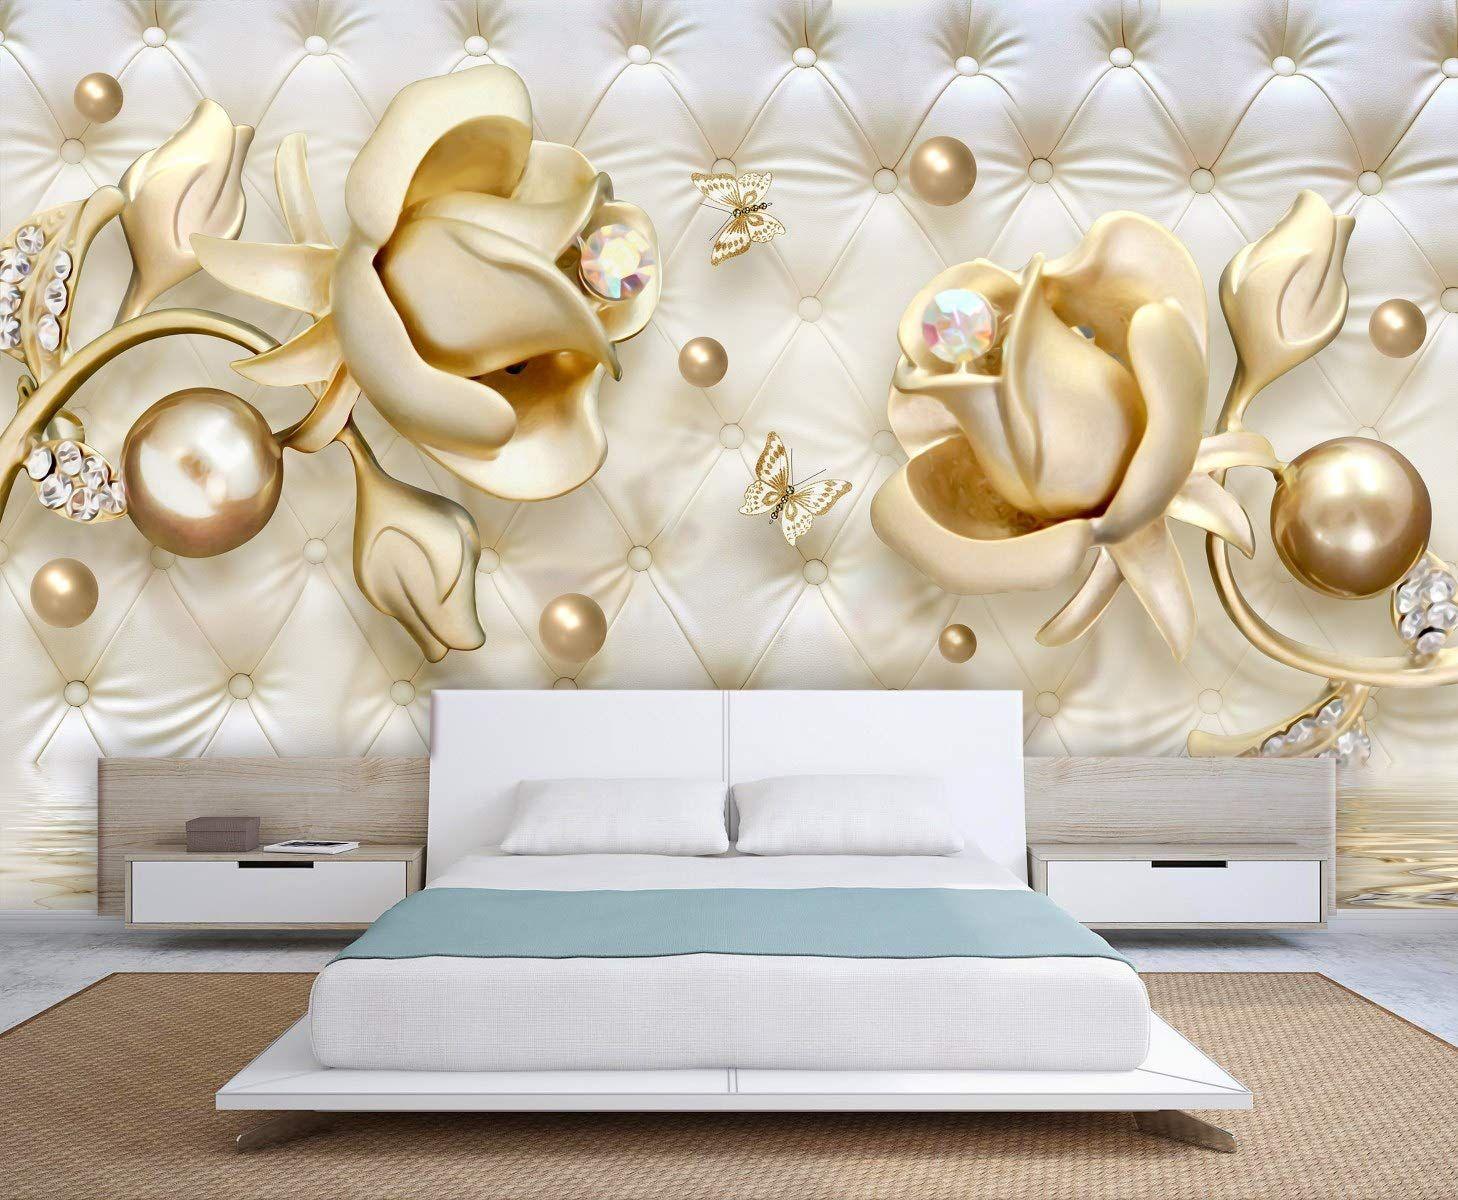 3d Golden Roses And Butterflies Wallpaper Design Living